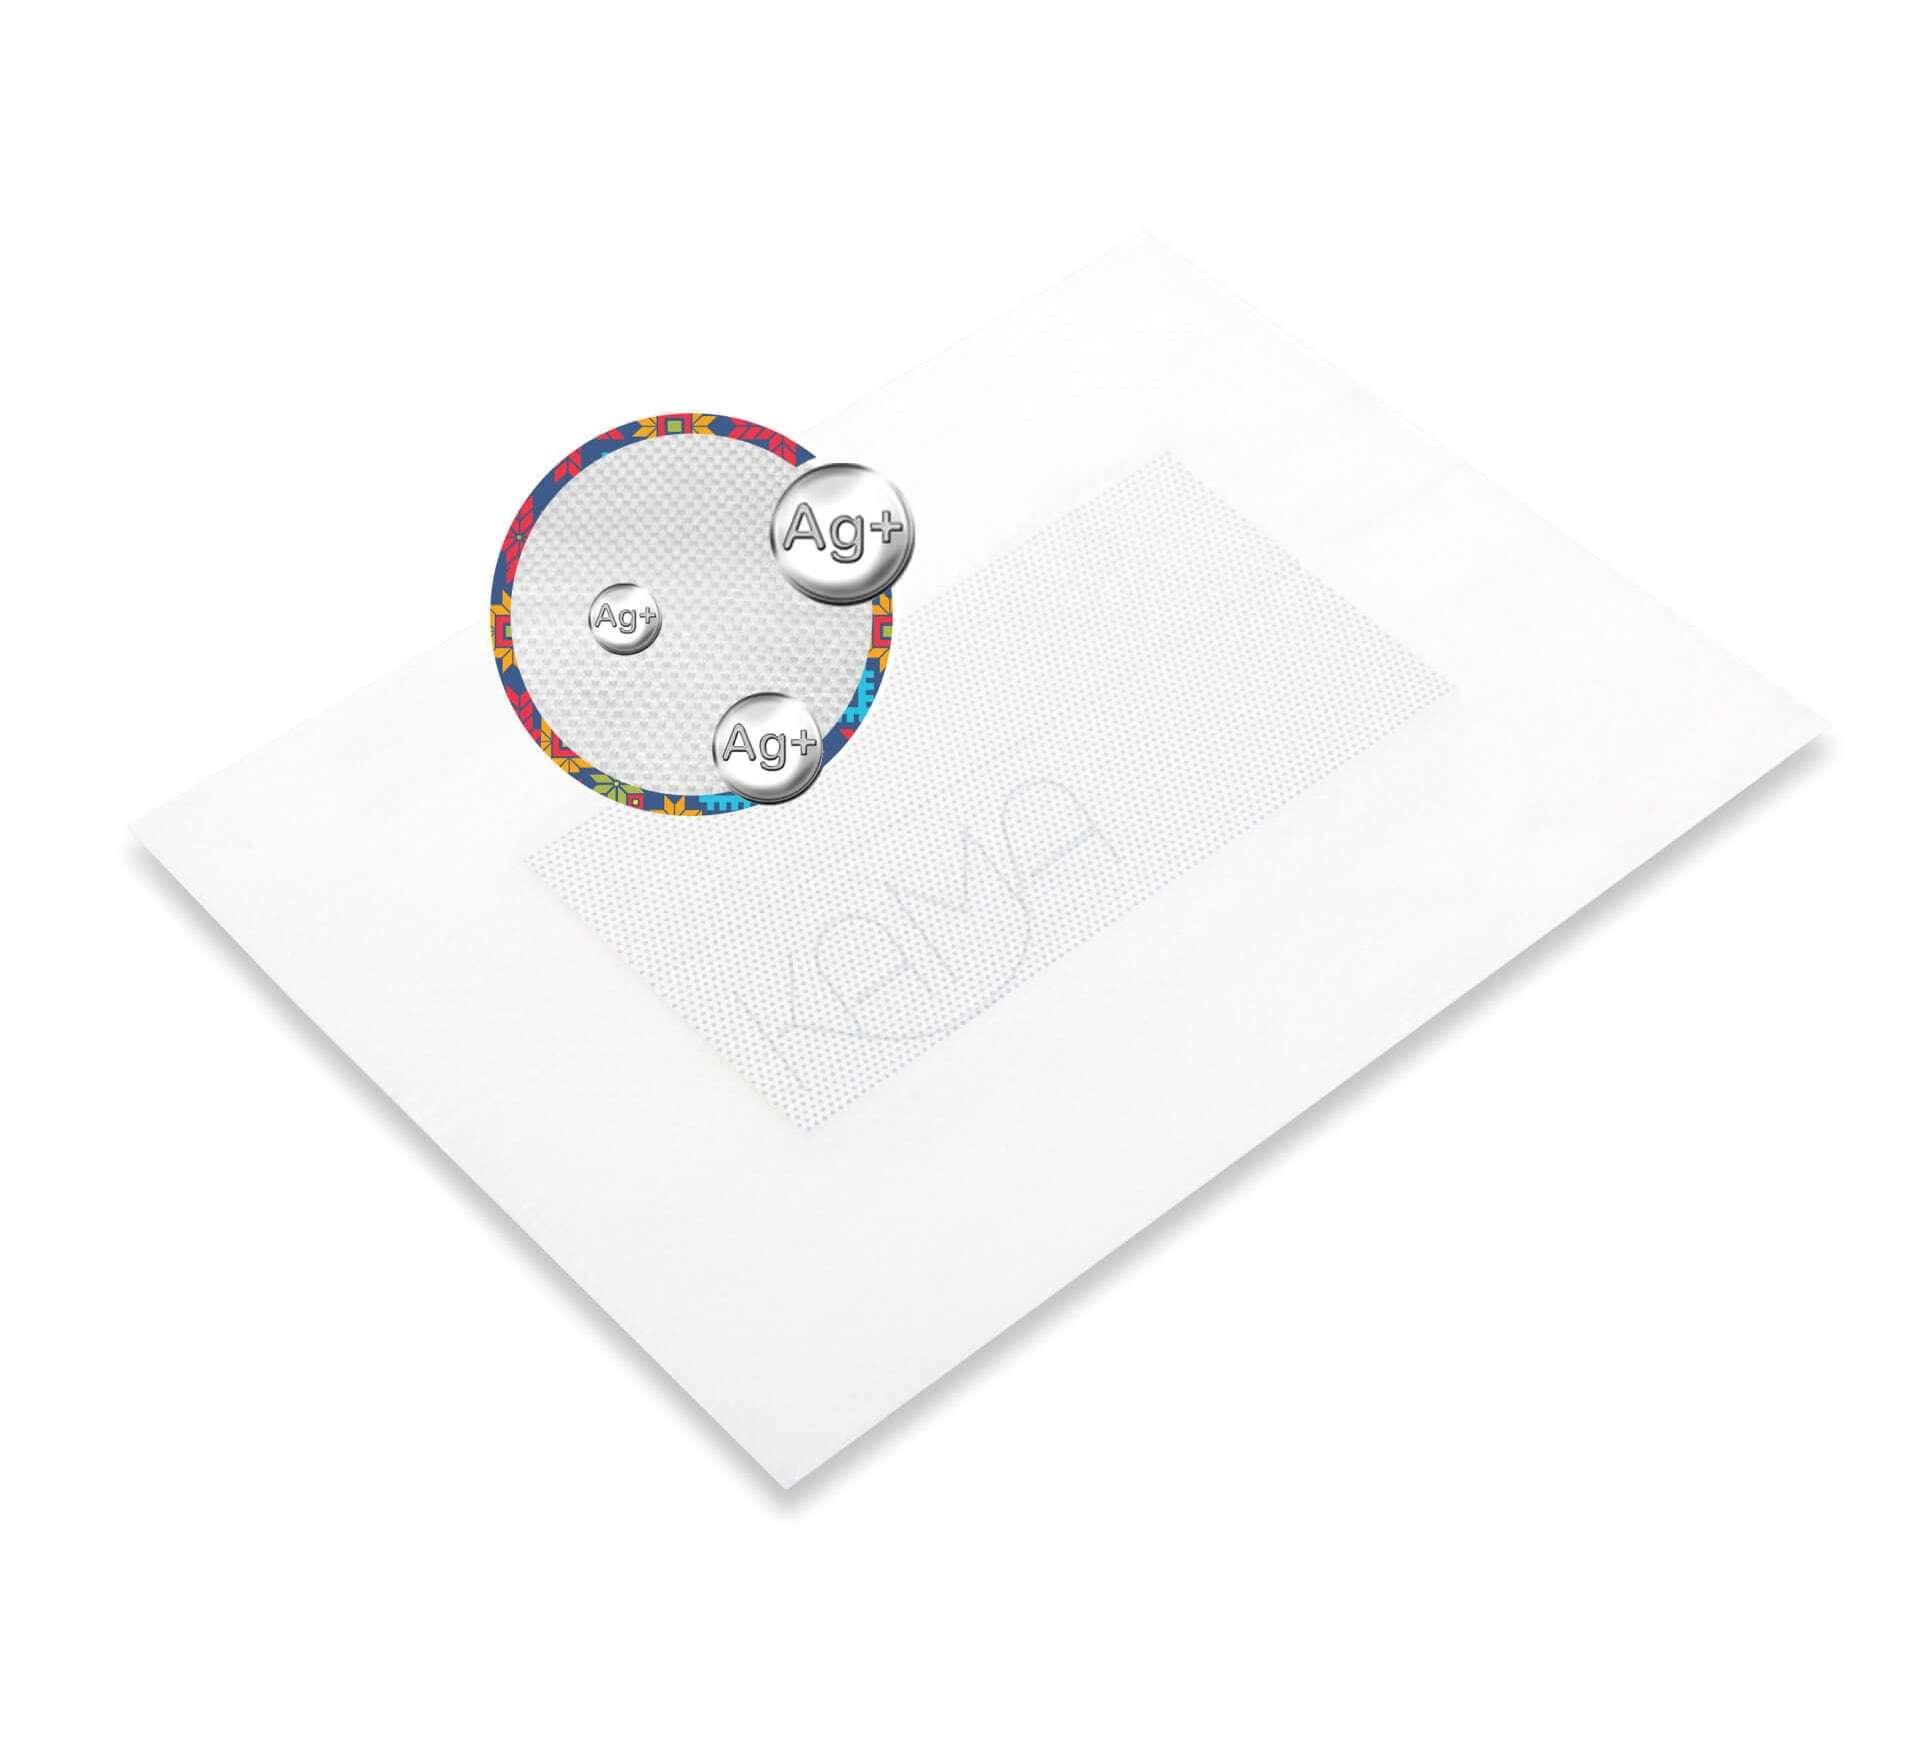 Повязка с серебром послеоперационная пластырная Барьер Аг 10x20 см